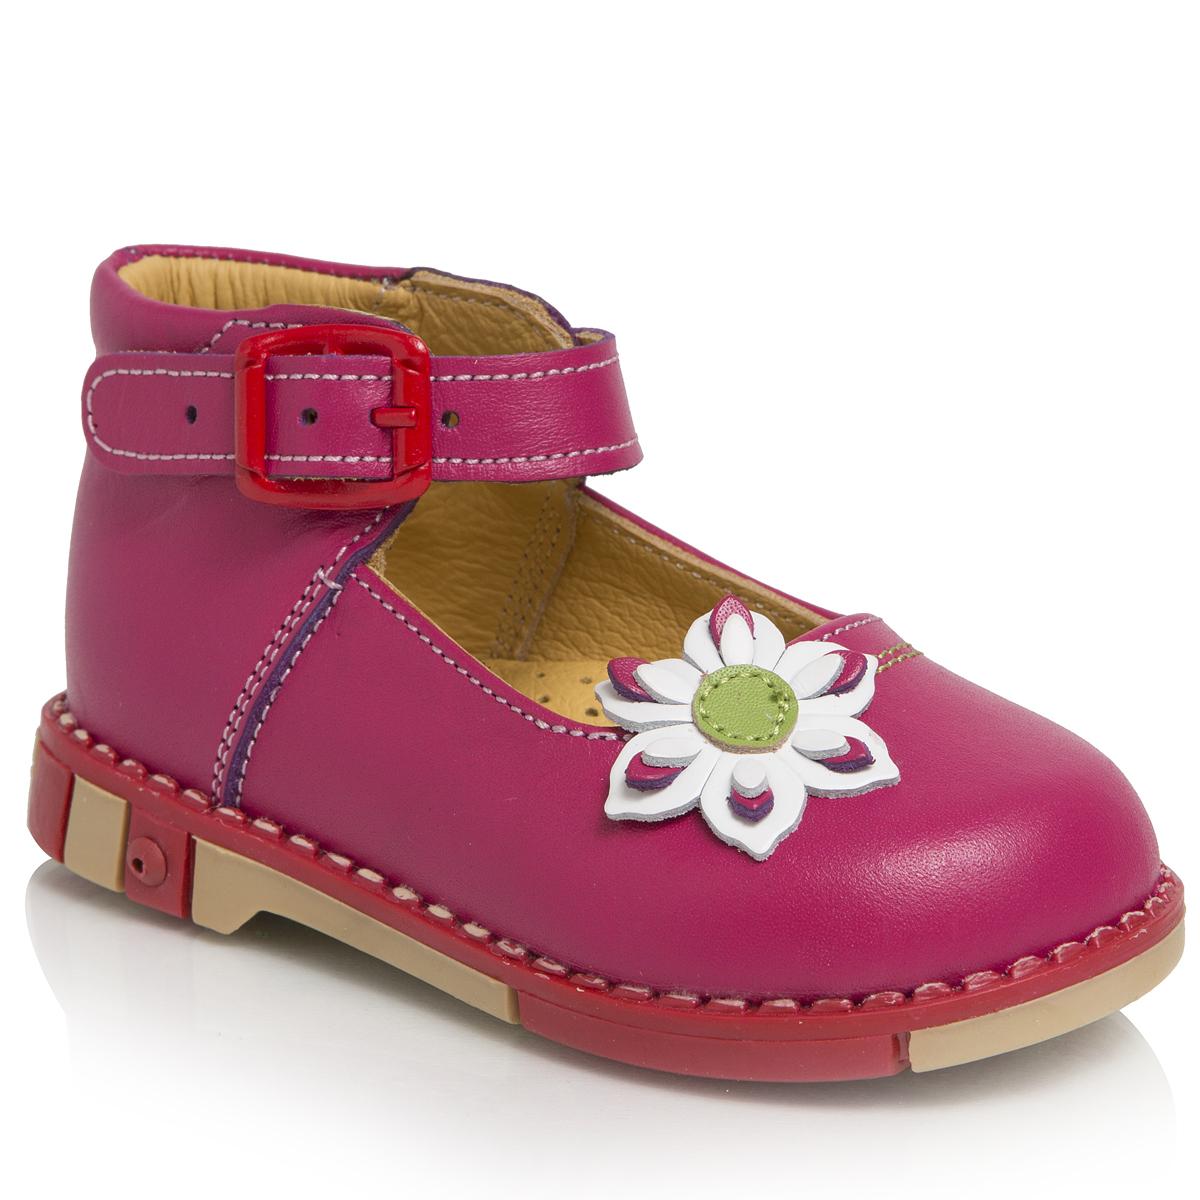 Туфли для девочек. 211-20211-20ТАШИ ОРТО - детская профилактическая ортопедическая обувь массового производства. Ее можно носить не только детям с признаками плоскостопия и косолапия , но и для профилактики подобных отклонений. А многим детям ортопедическая обувь НЕОБХОДИМА для коррекции стопы, исправления походки и осанки.